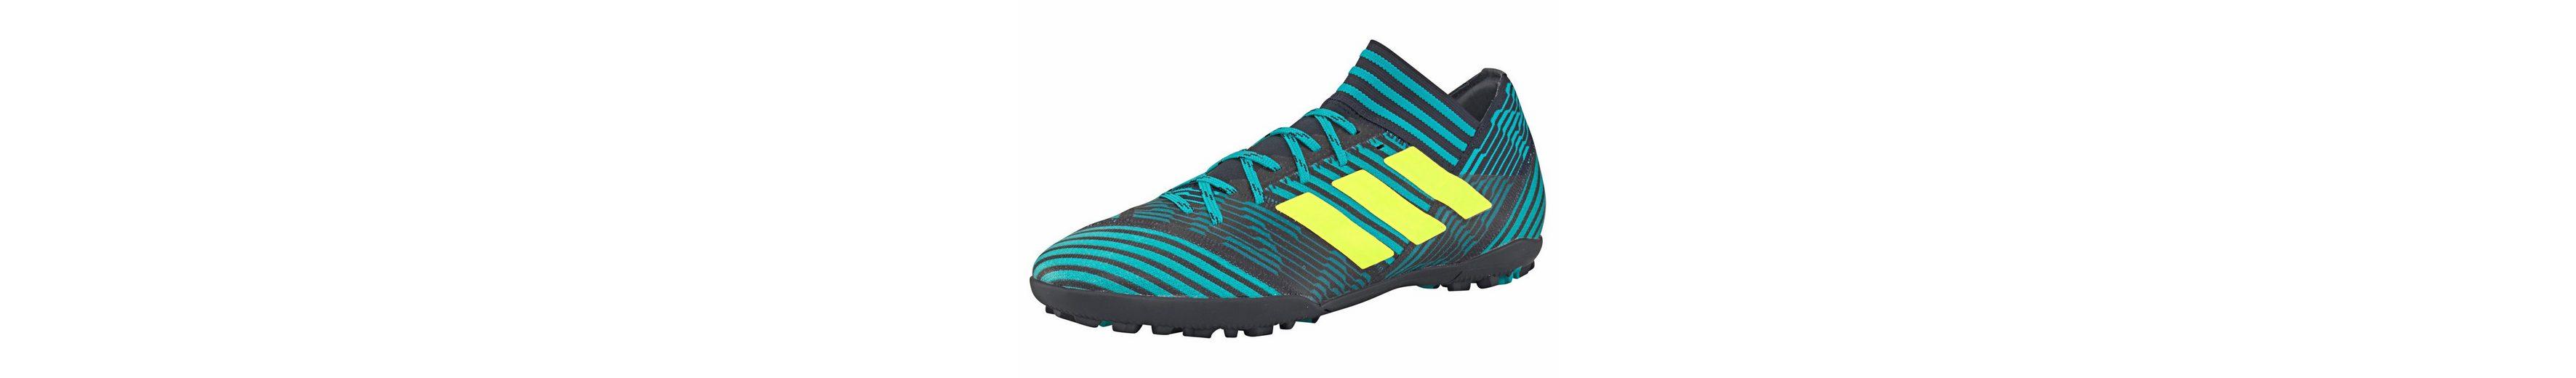 adidas Performance NEMEZIZ TANGO 17.3 Fußballschuh Einen Günstigen Online-Verkauf hJdkwOwvOY